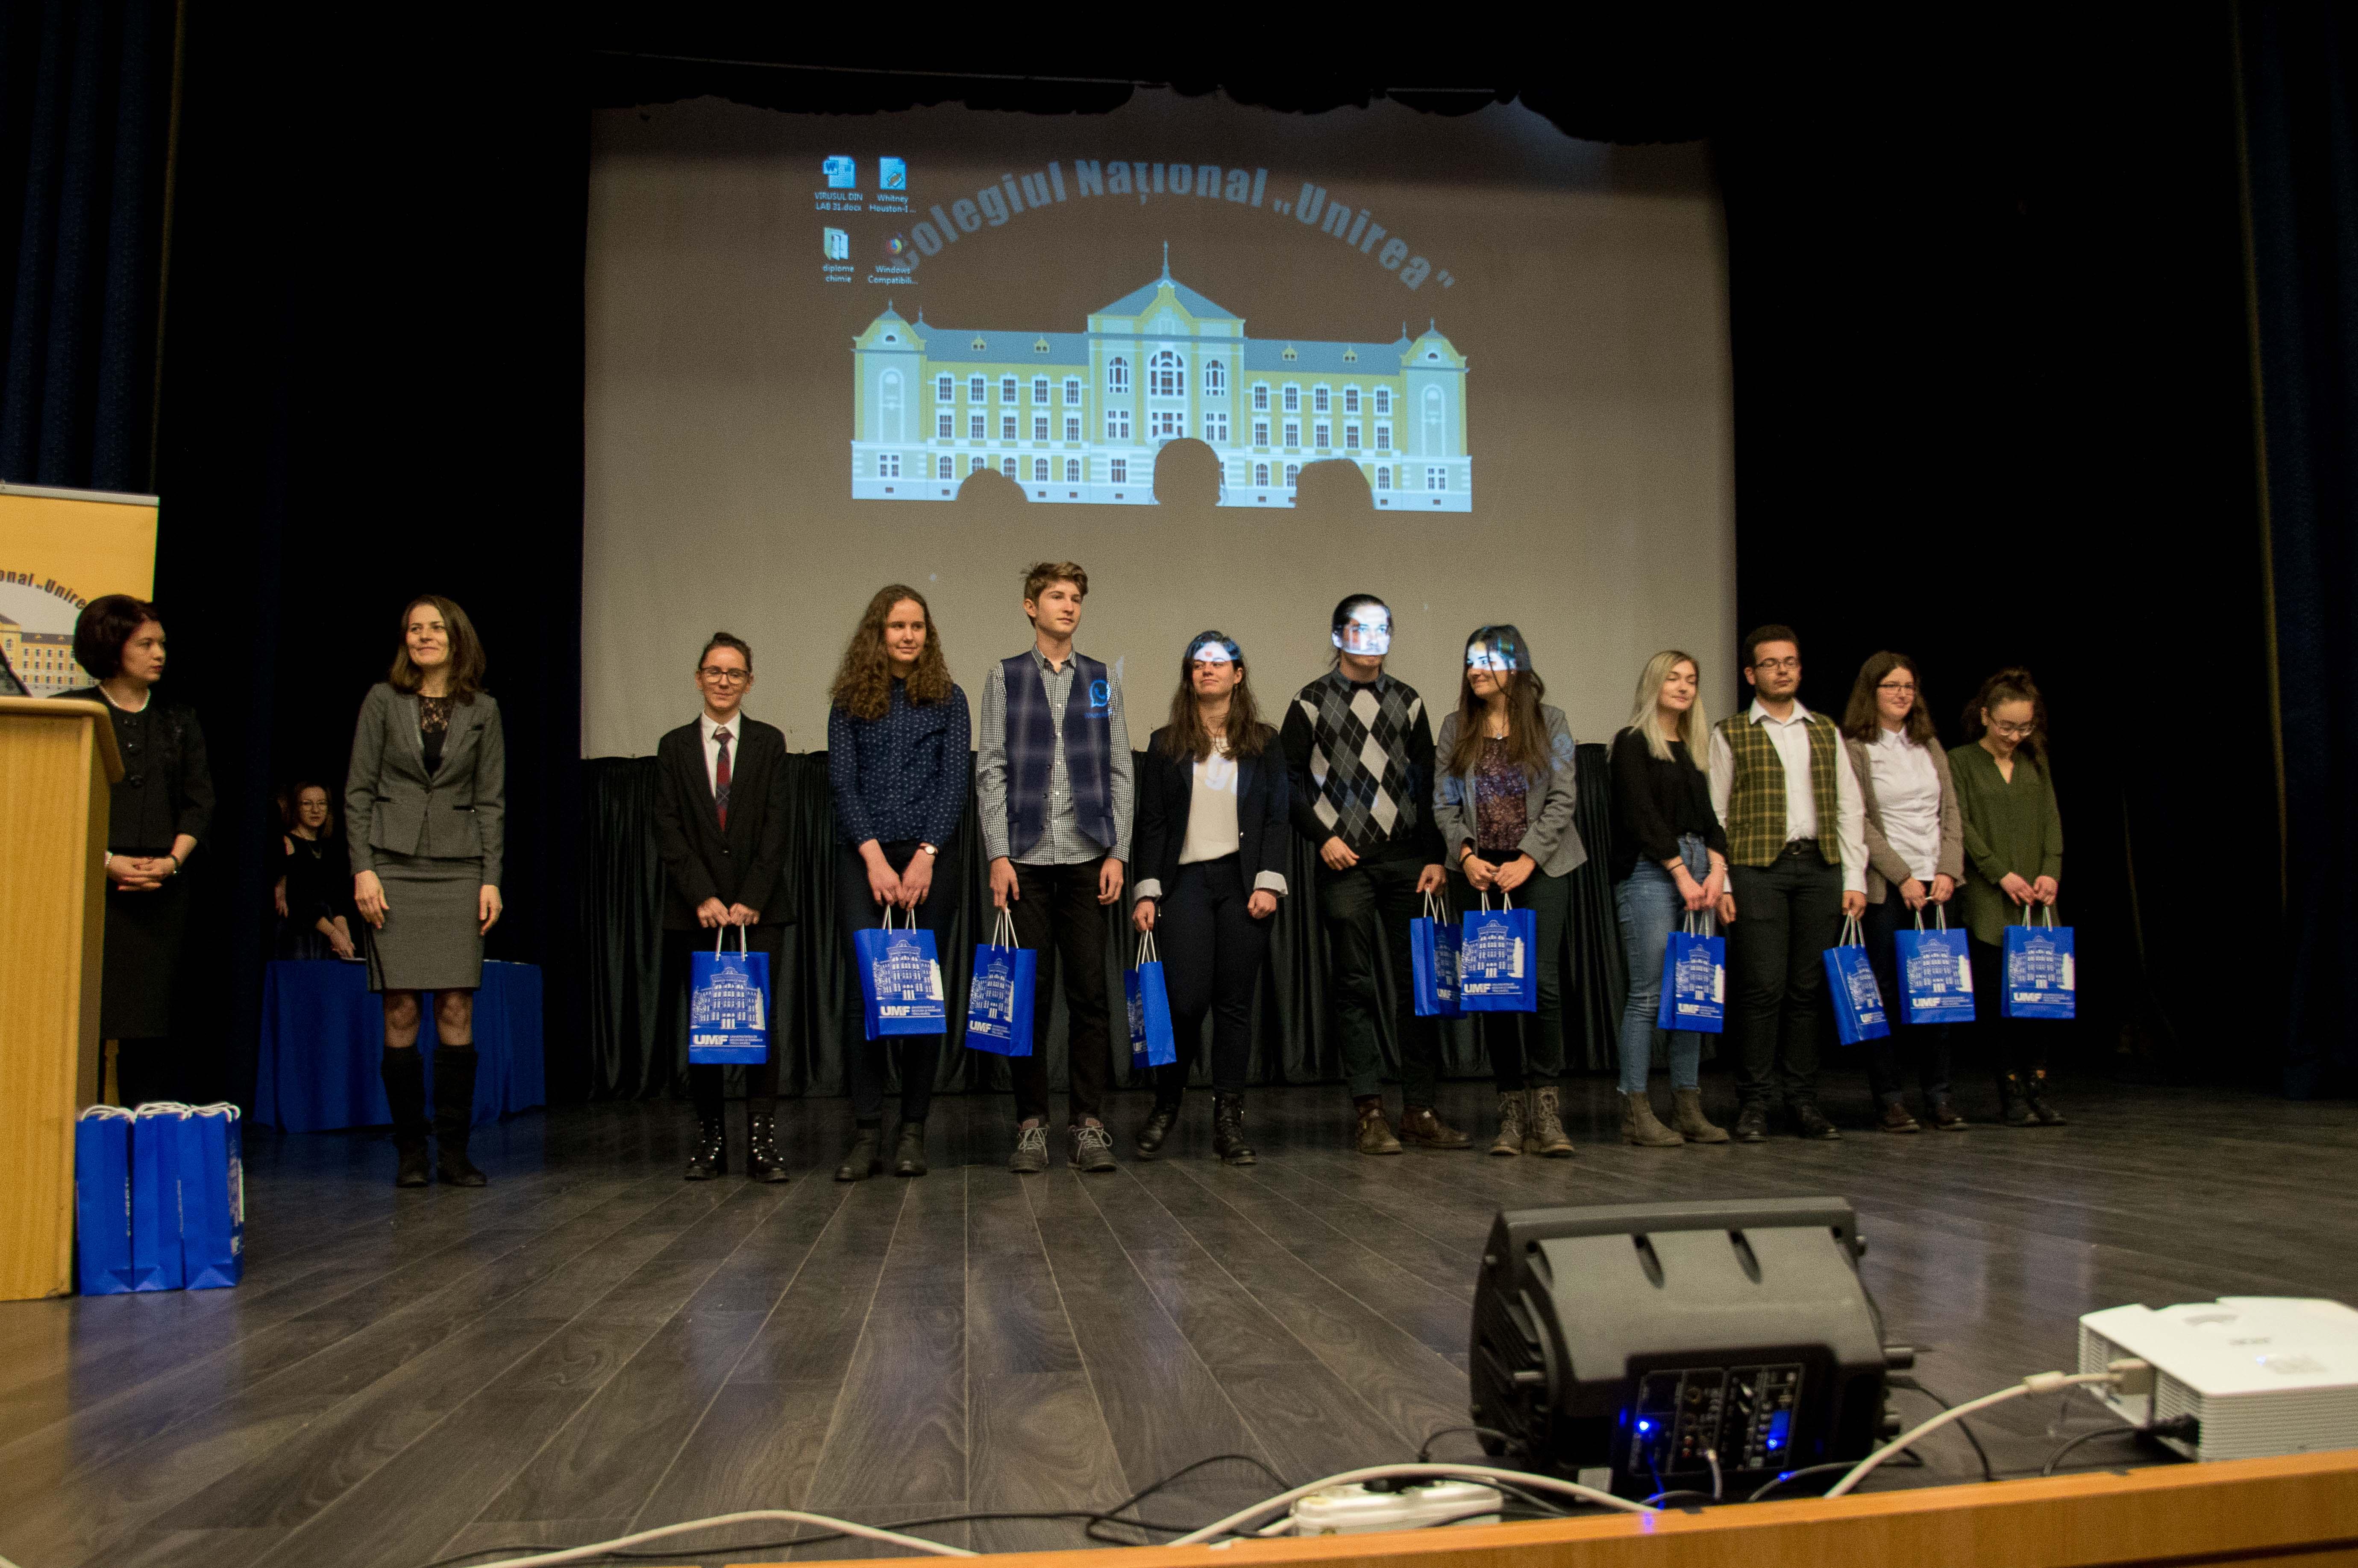 FOTO: Cei mai buni elevi ai județului Mureș, premiați de conducerea UMF Tîrgu Mureș